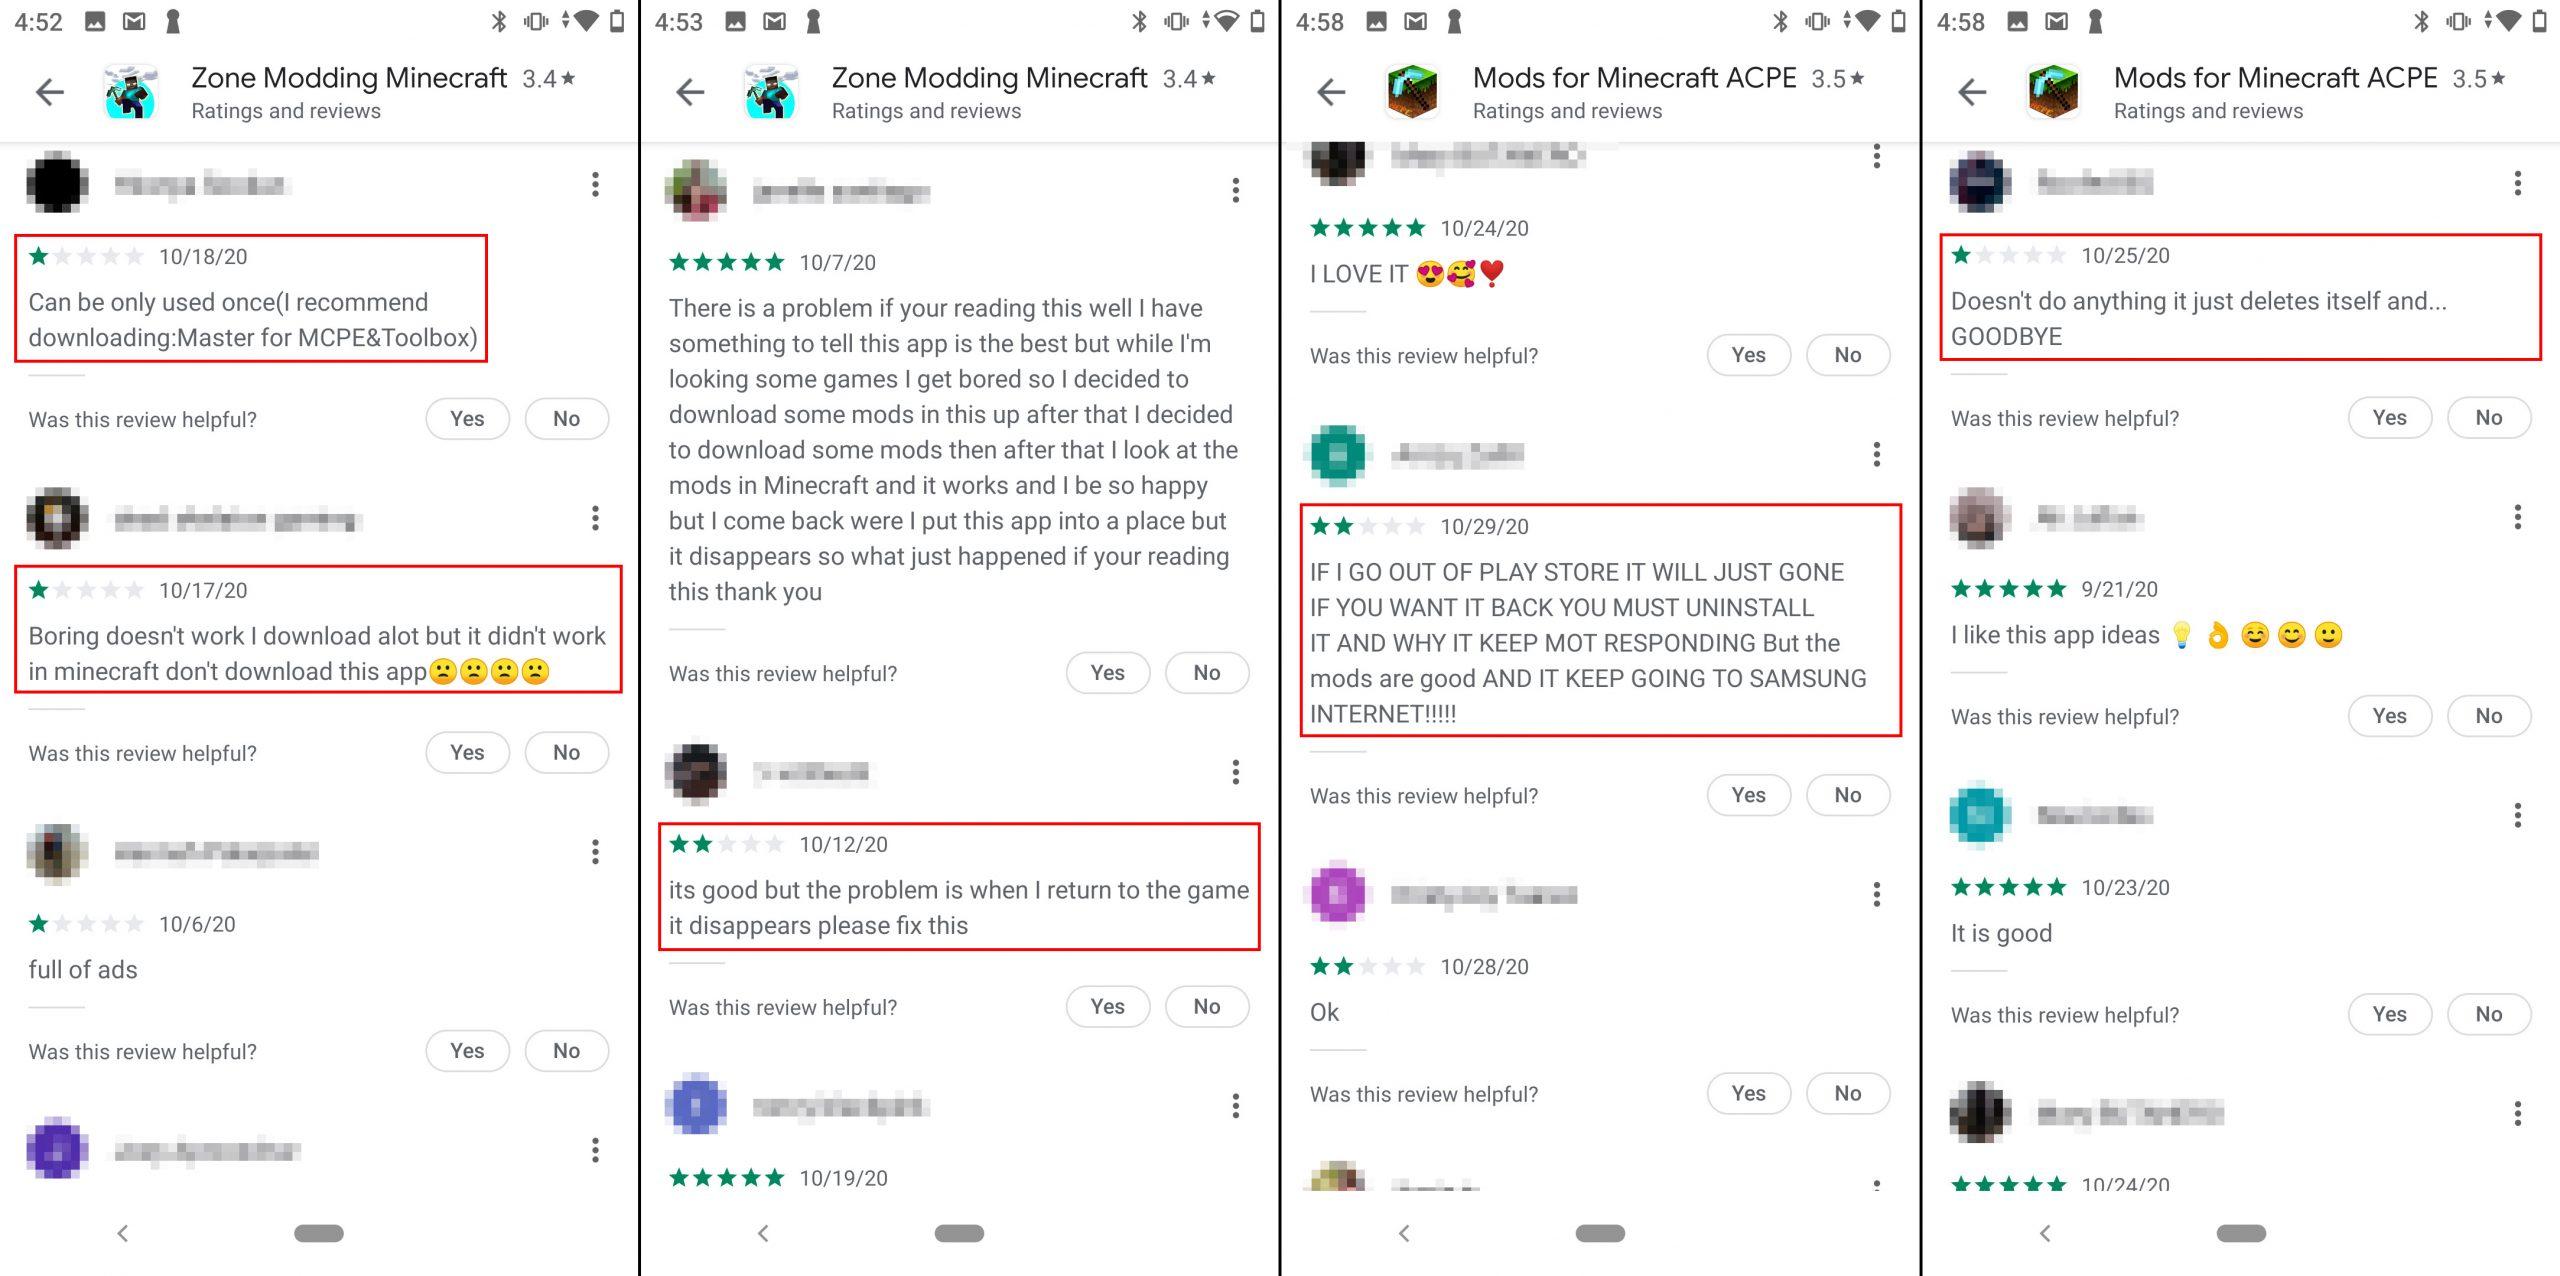 Gli utenti si lamentano del malfunzionamento della app e sembra che si cancelli da sola.